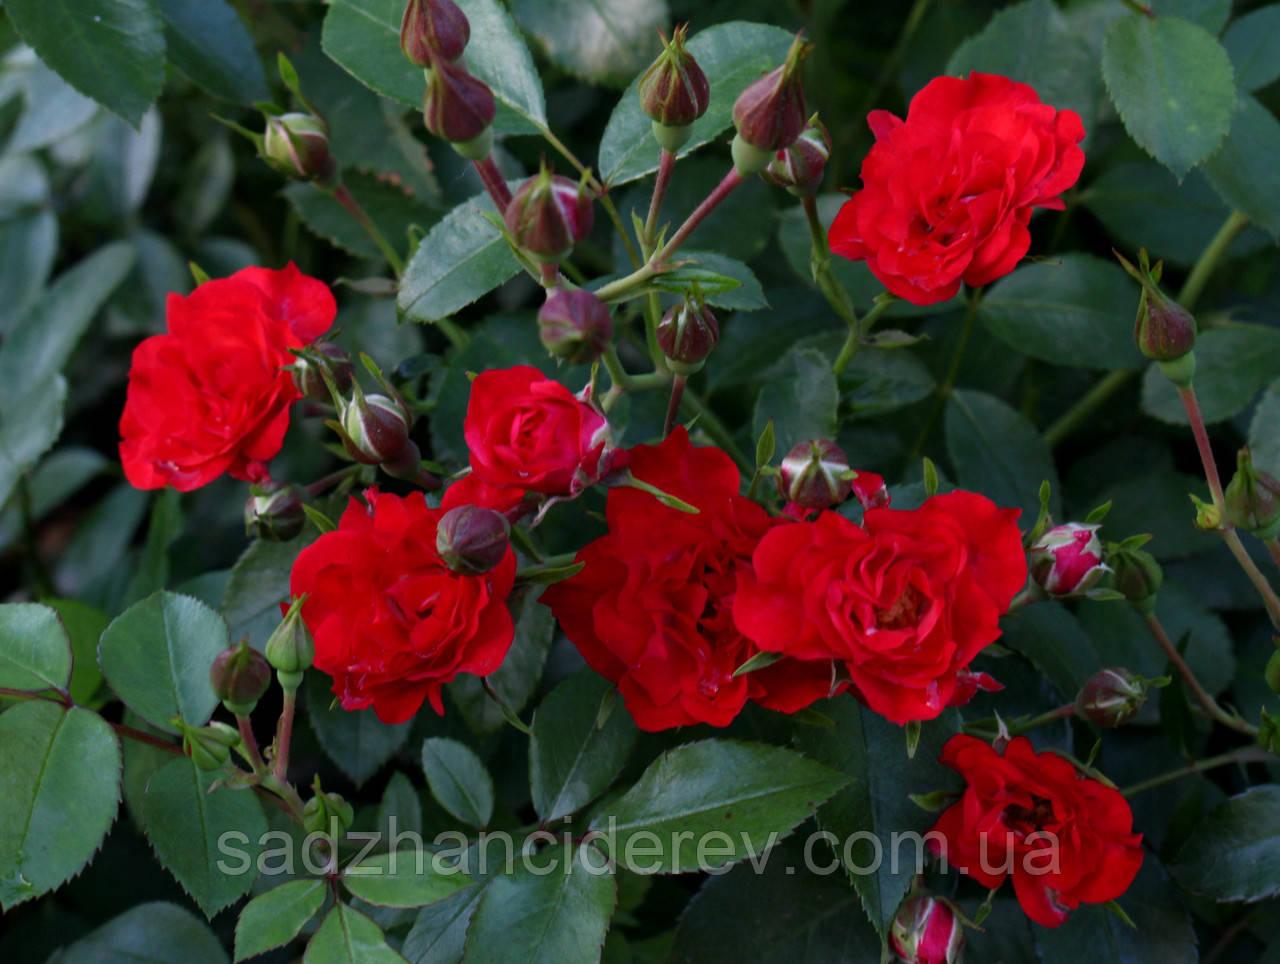 Саджанці троянд Ред Фейрі (Red Fairy, Ред Фейри)